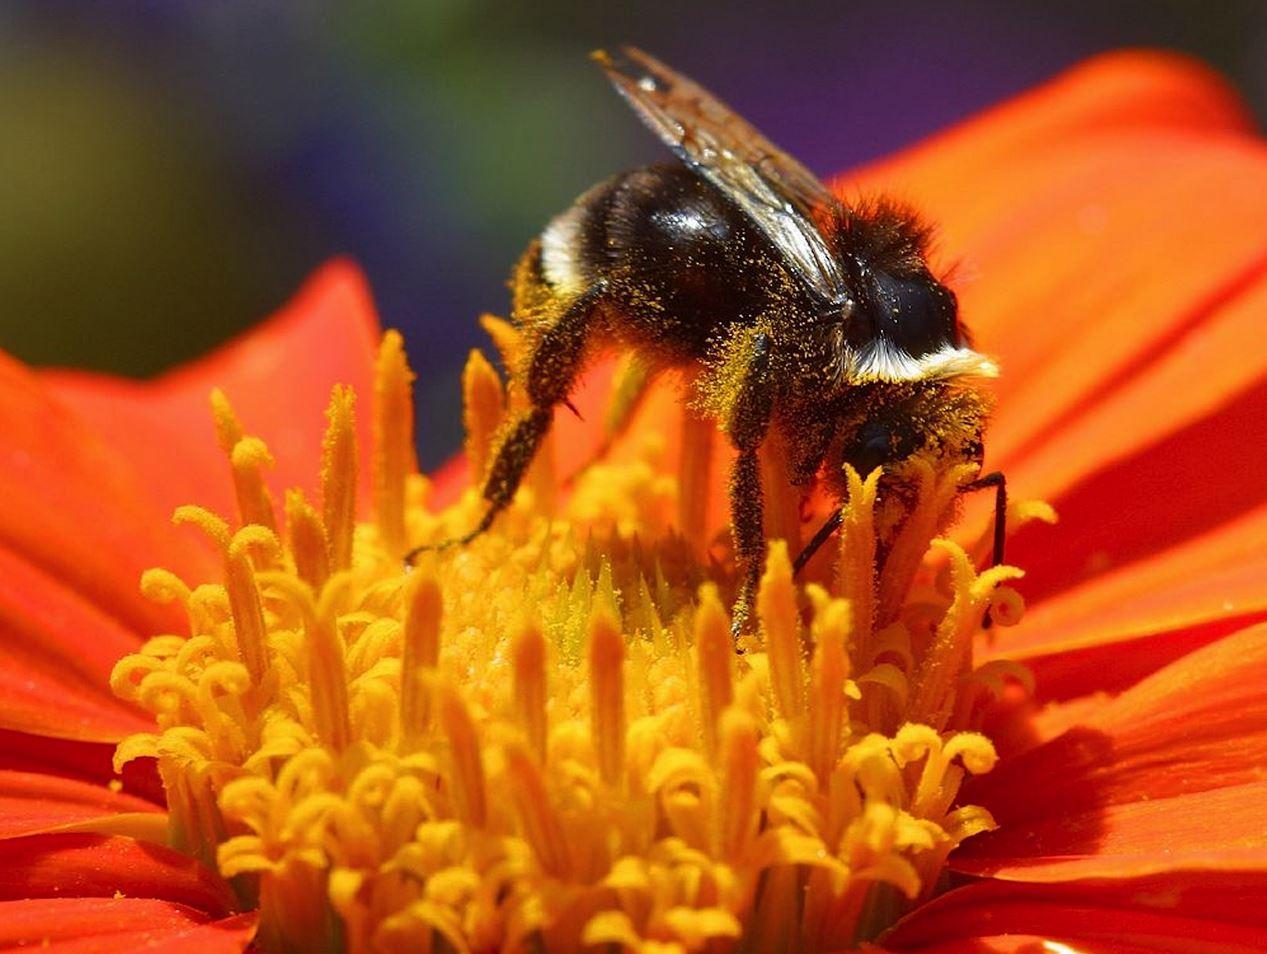 motelli isovalkeinen kukka ja mehiläinen